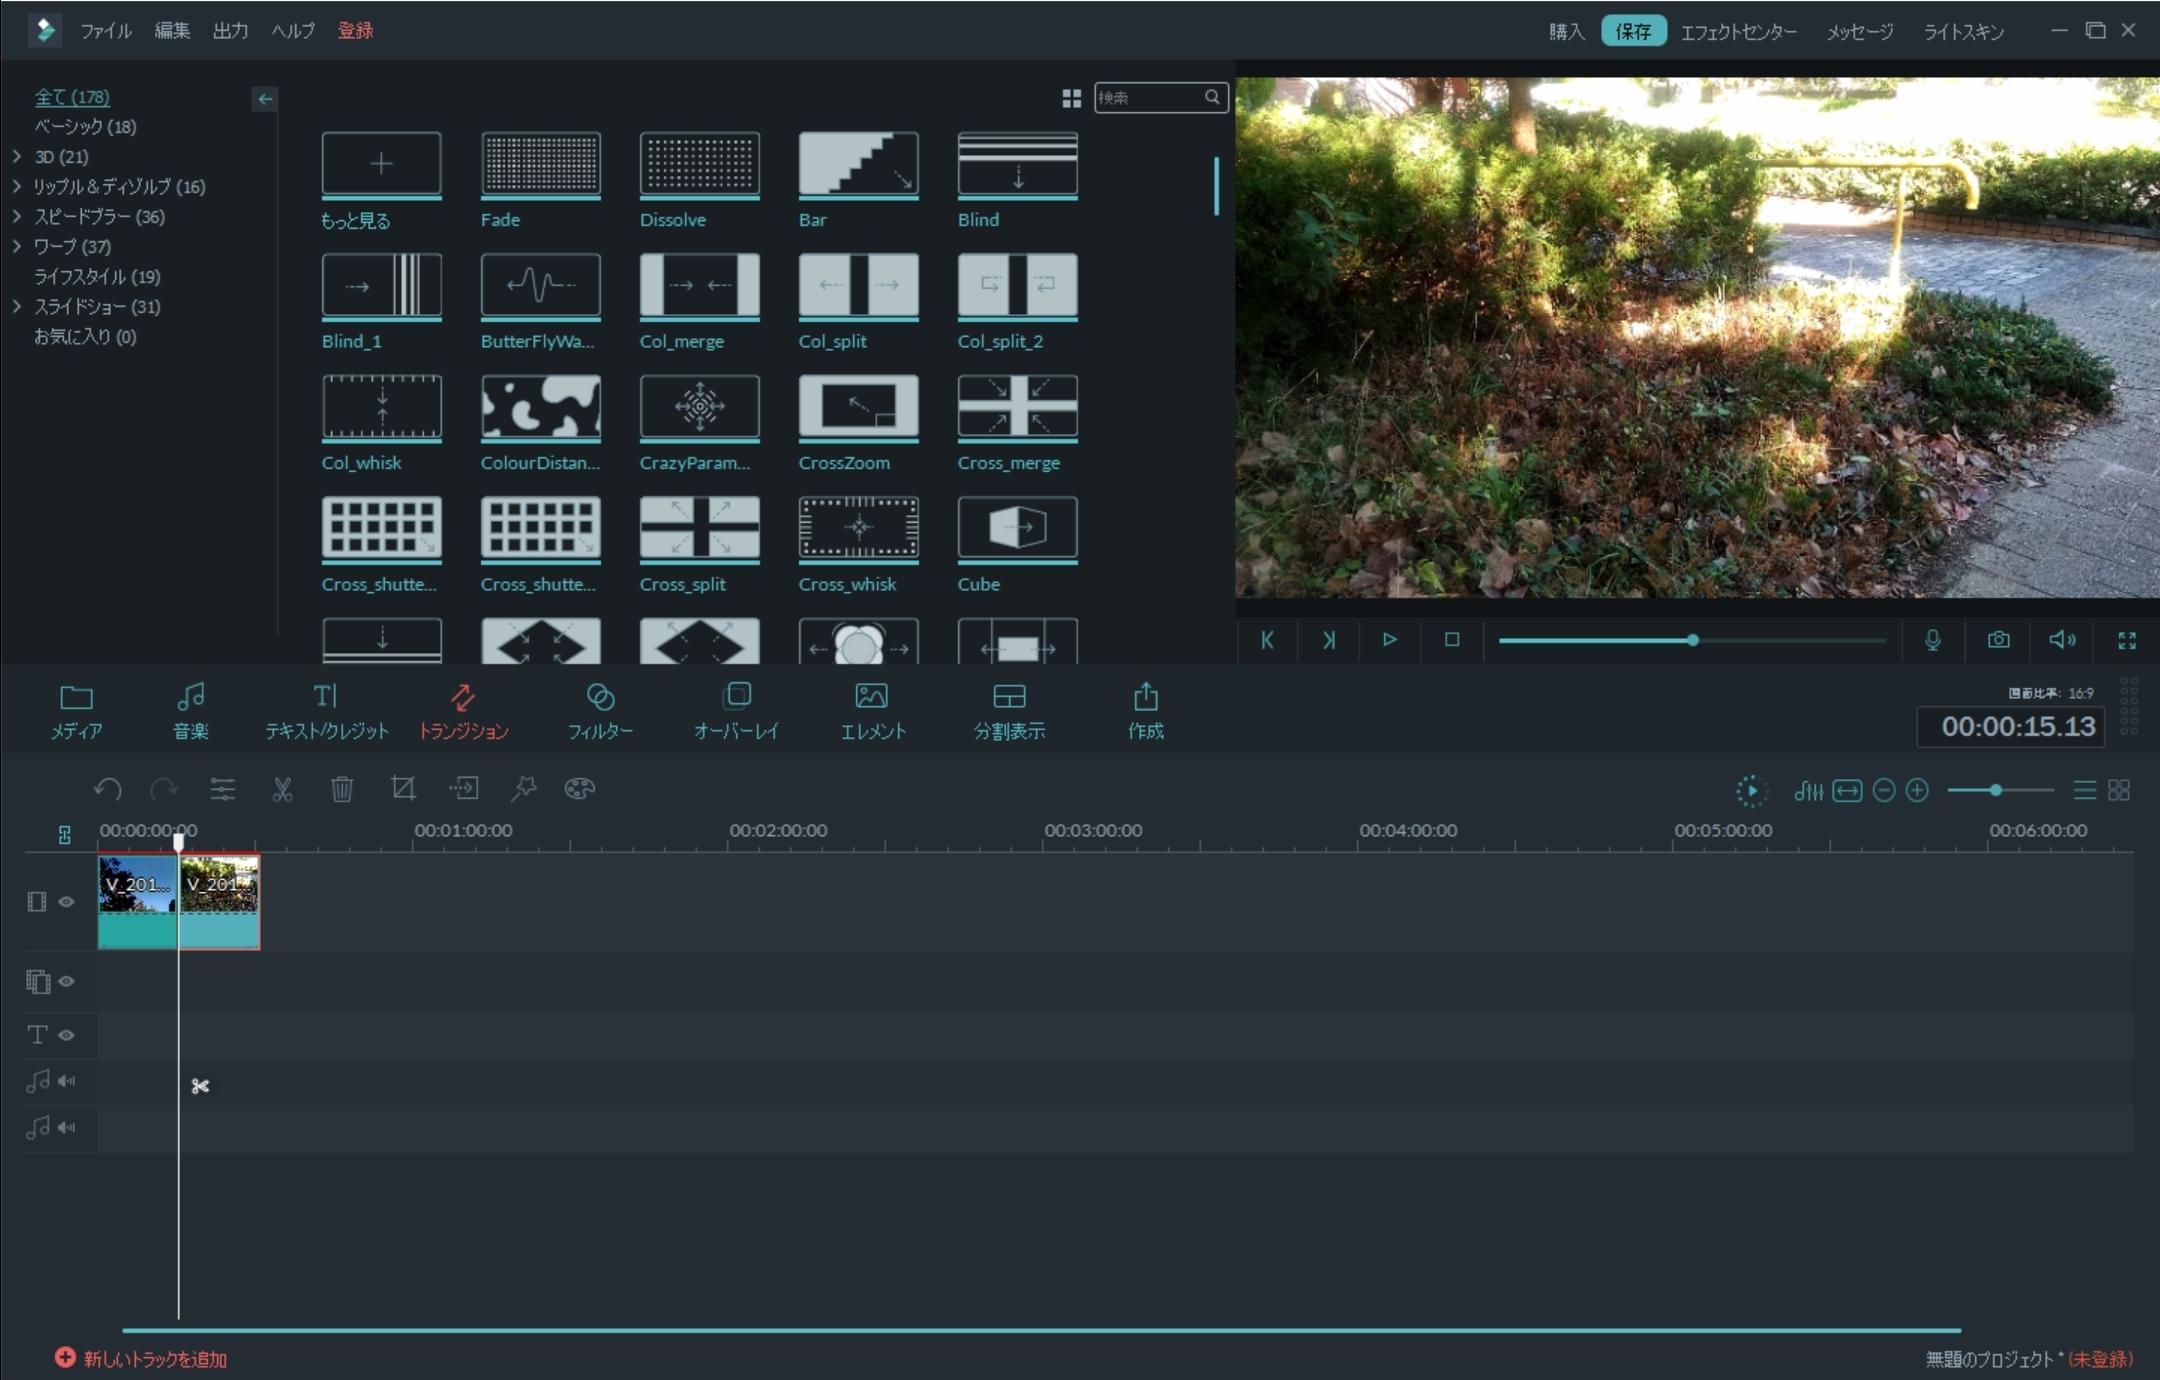 Filmoraの基本的なエフェクト(テキスト、モザイク、フェードアウト)の解説